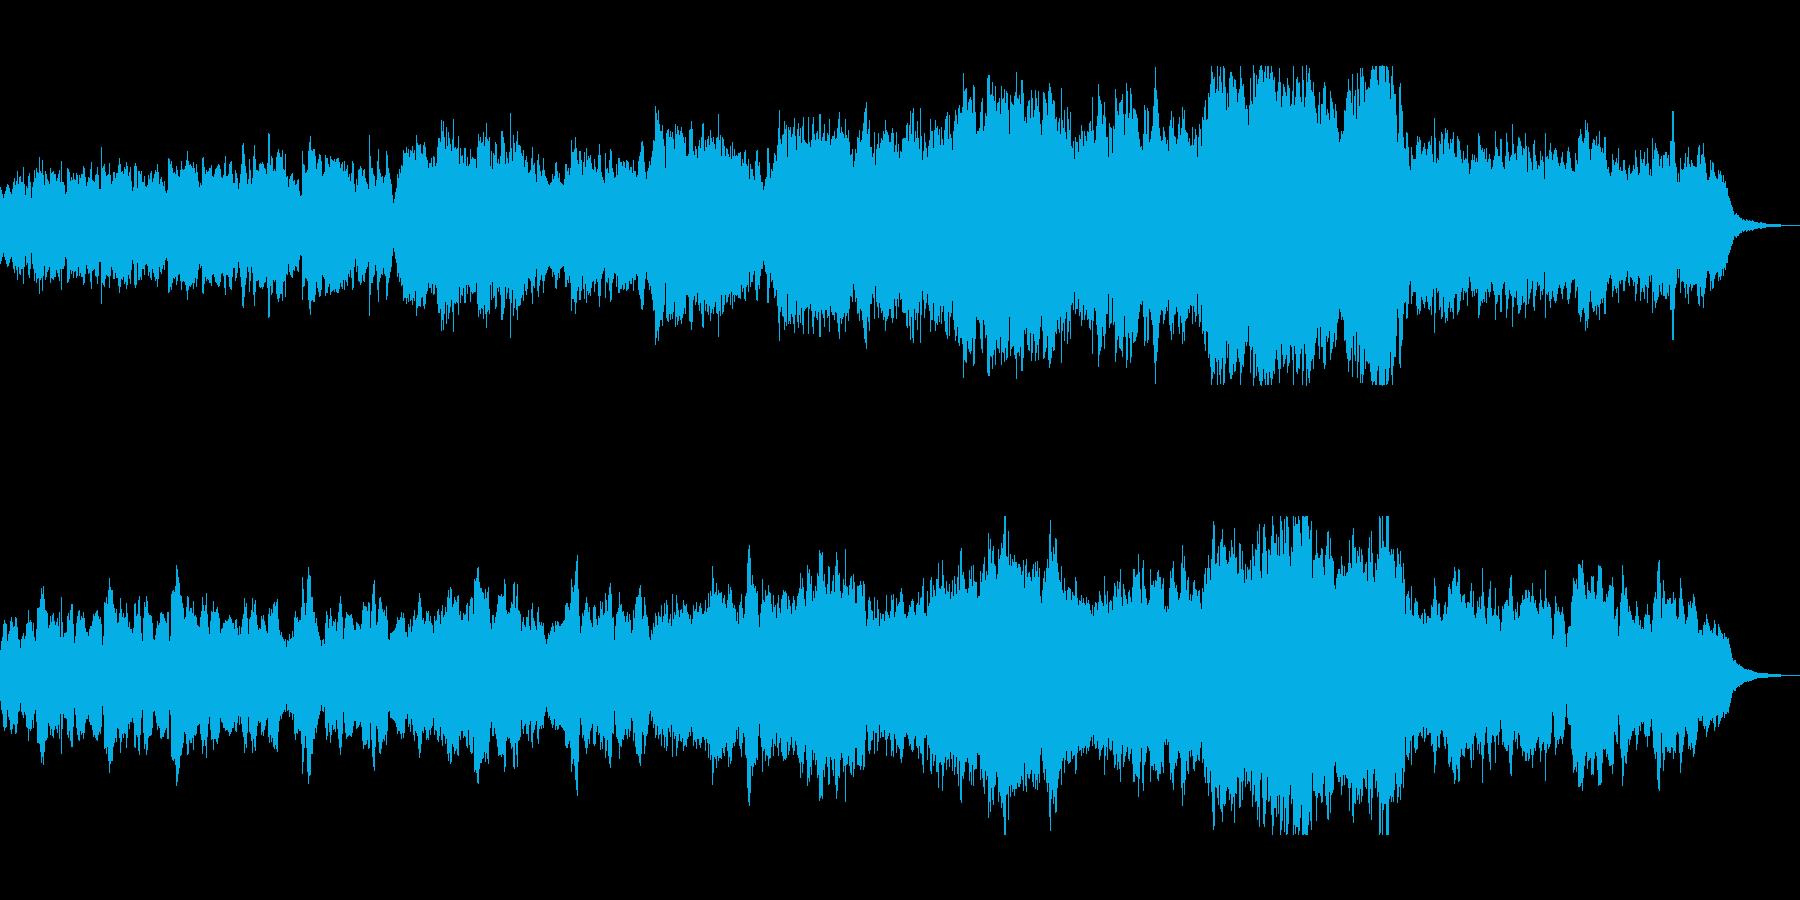 ハープとオーケストラのヒーリングの再生済みの波形